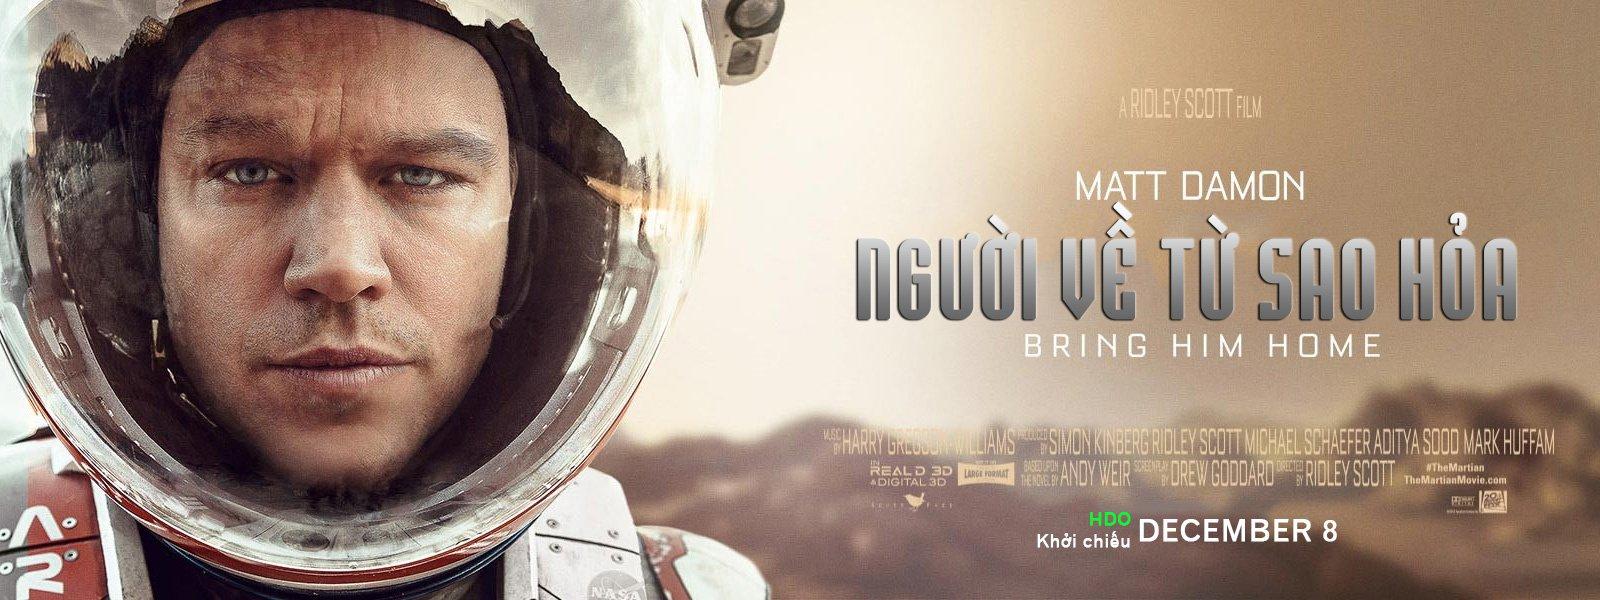 Người Về Từ Sao Hỏa - The Martian - 2015